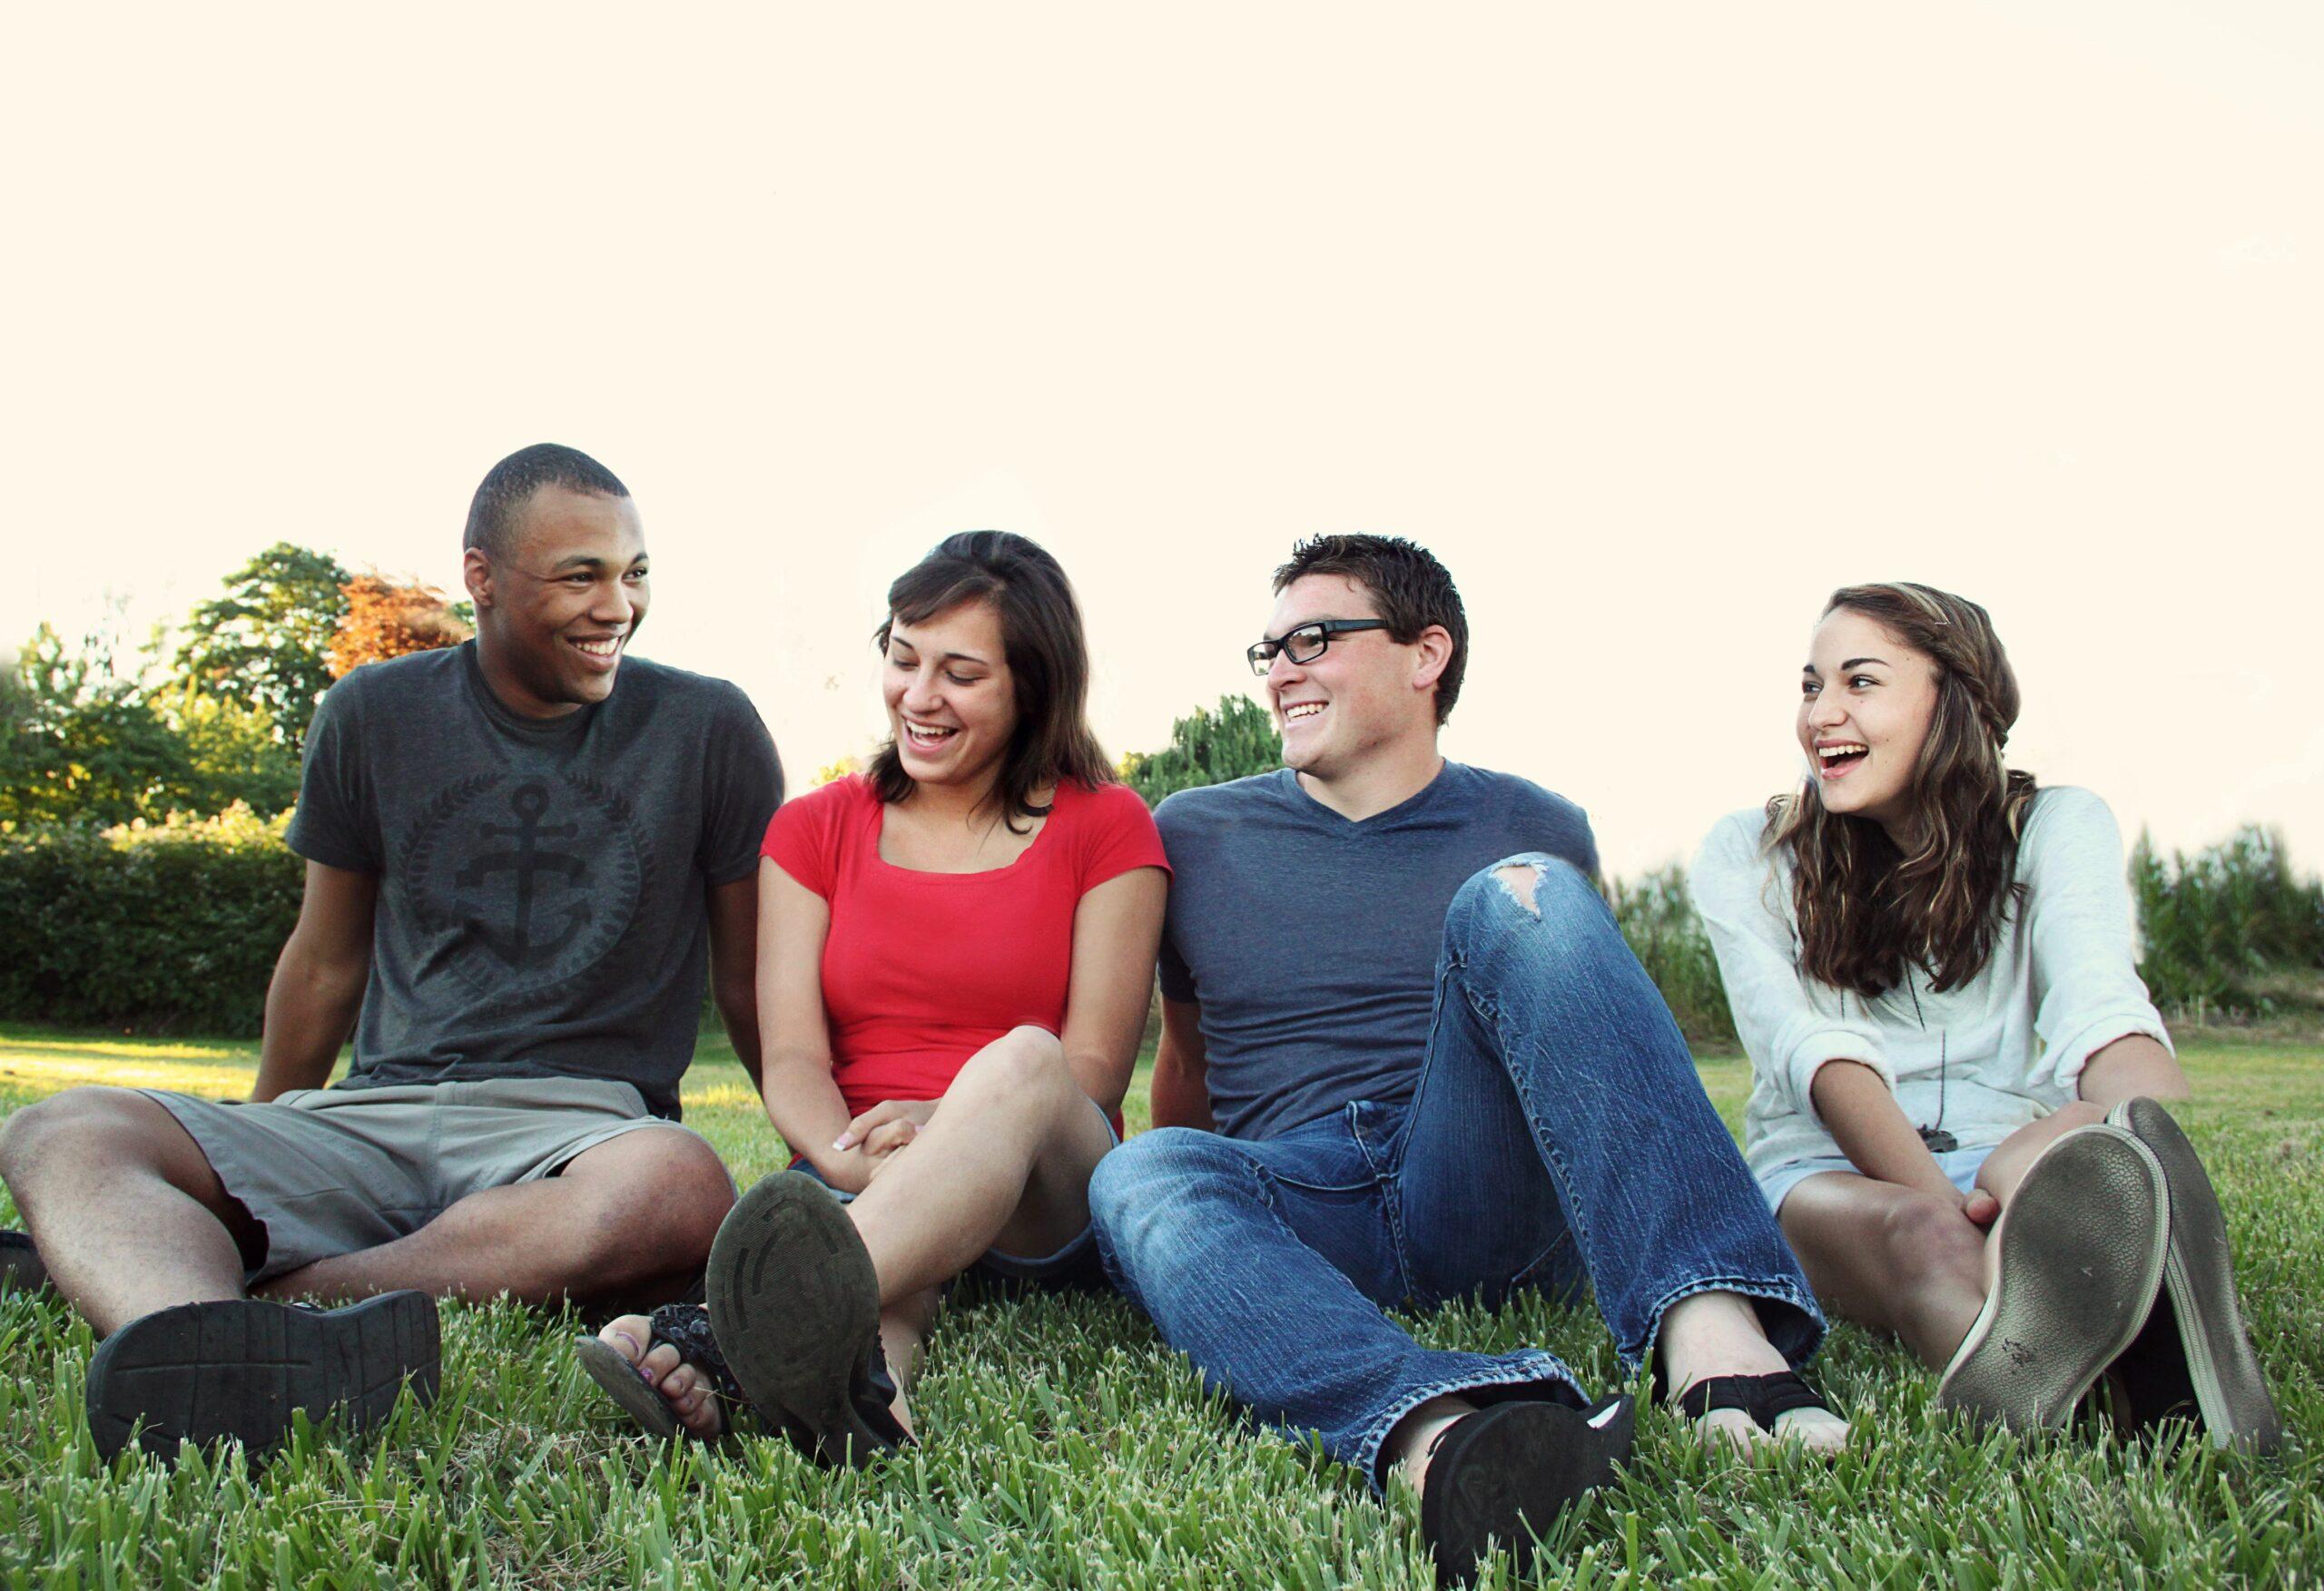 Os jovens brasileiros não falam inglês: mas o mercado de trabalho exige